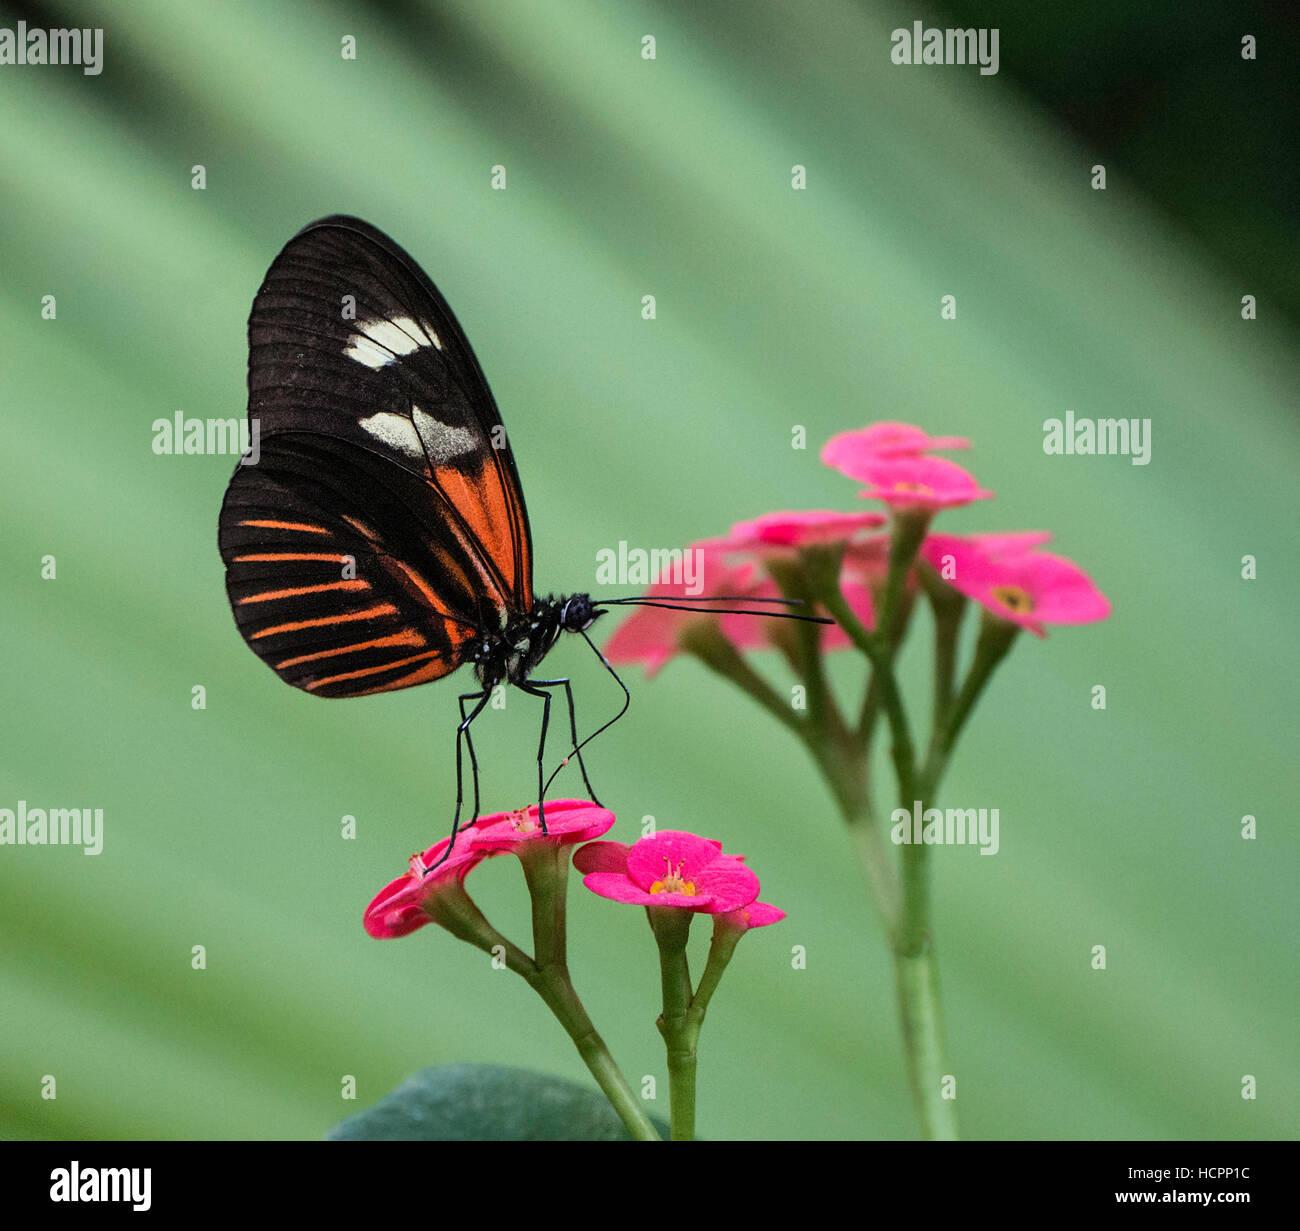 Rot Briefträger zu imitieren (Heliconius Melpomene Aglaope) ernähren sich von rosa Blume Stockbild